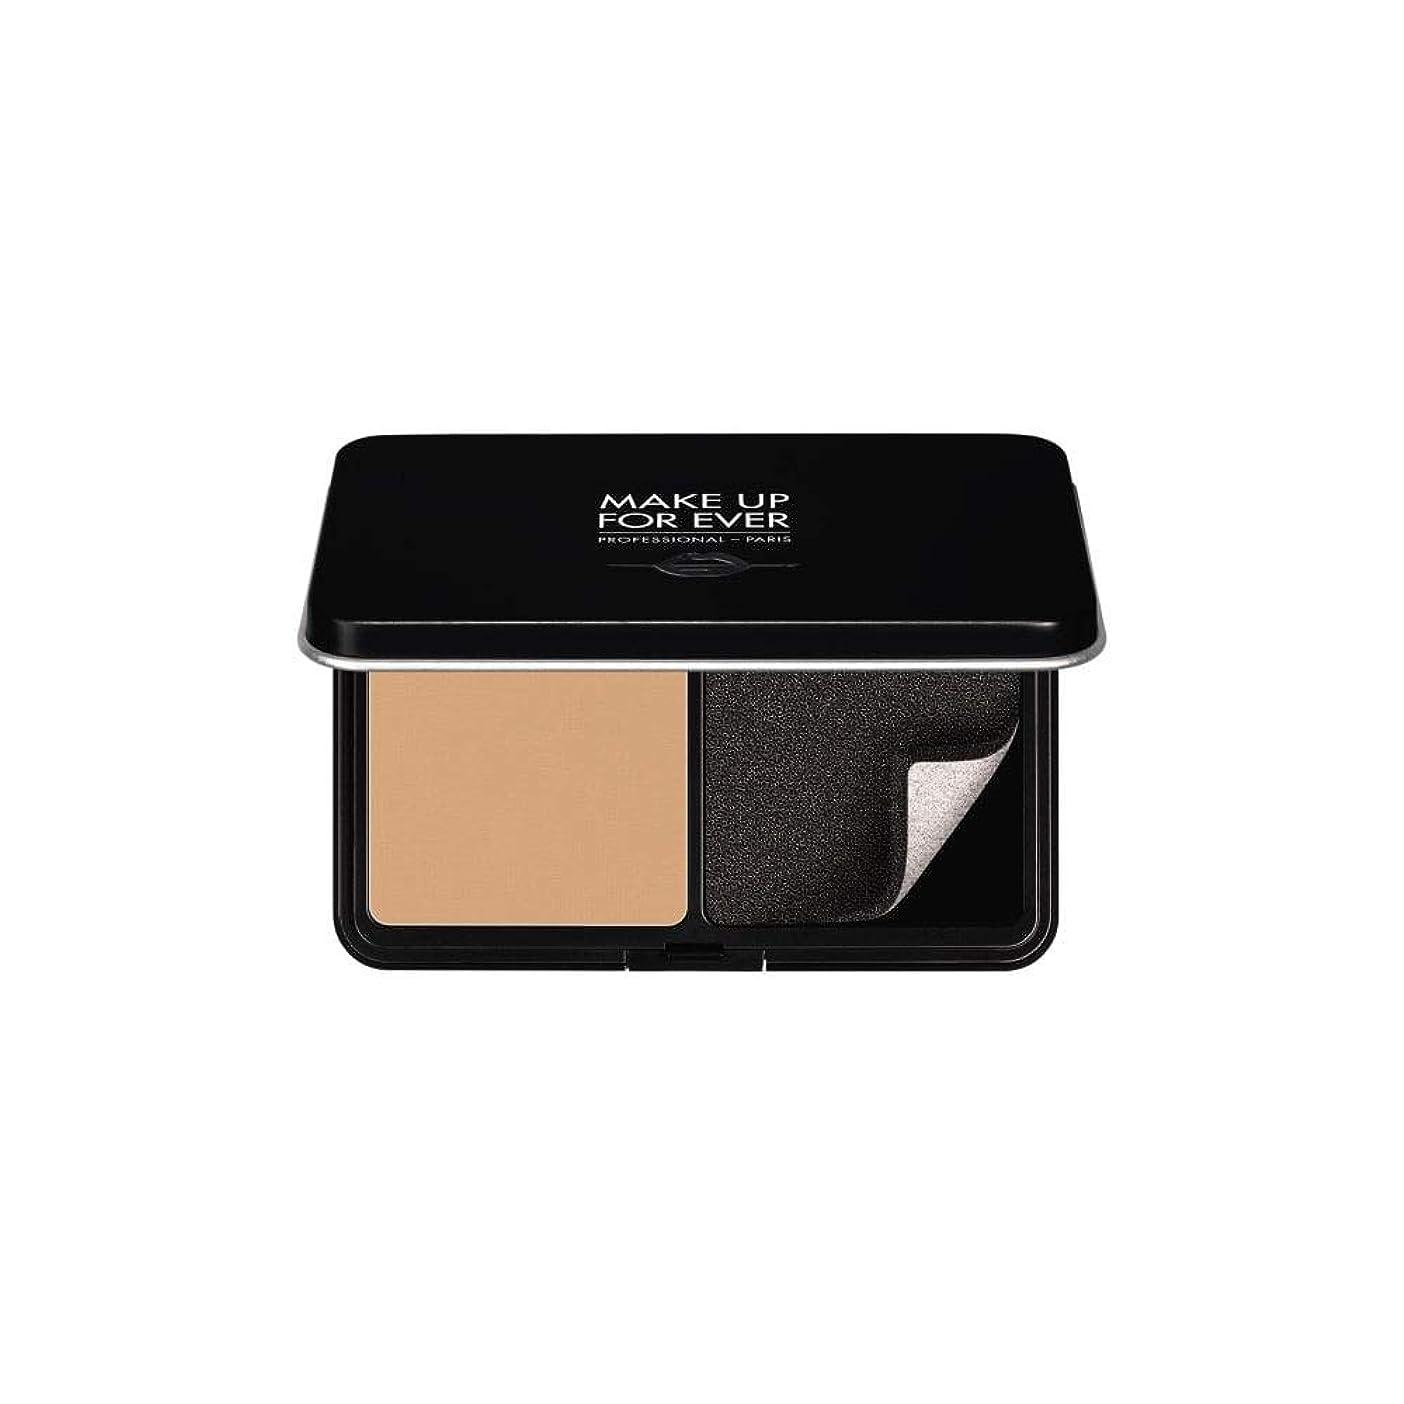 用量裁判所夜メイクアップフォーエバー Matte Velvet Skin Blurring Powder Foundation - # Y355 (Neutral Beige) 11g/0.38oz並行輸入品